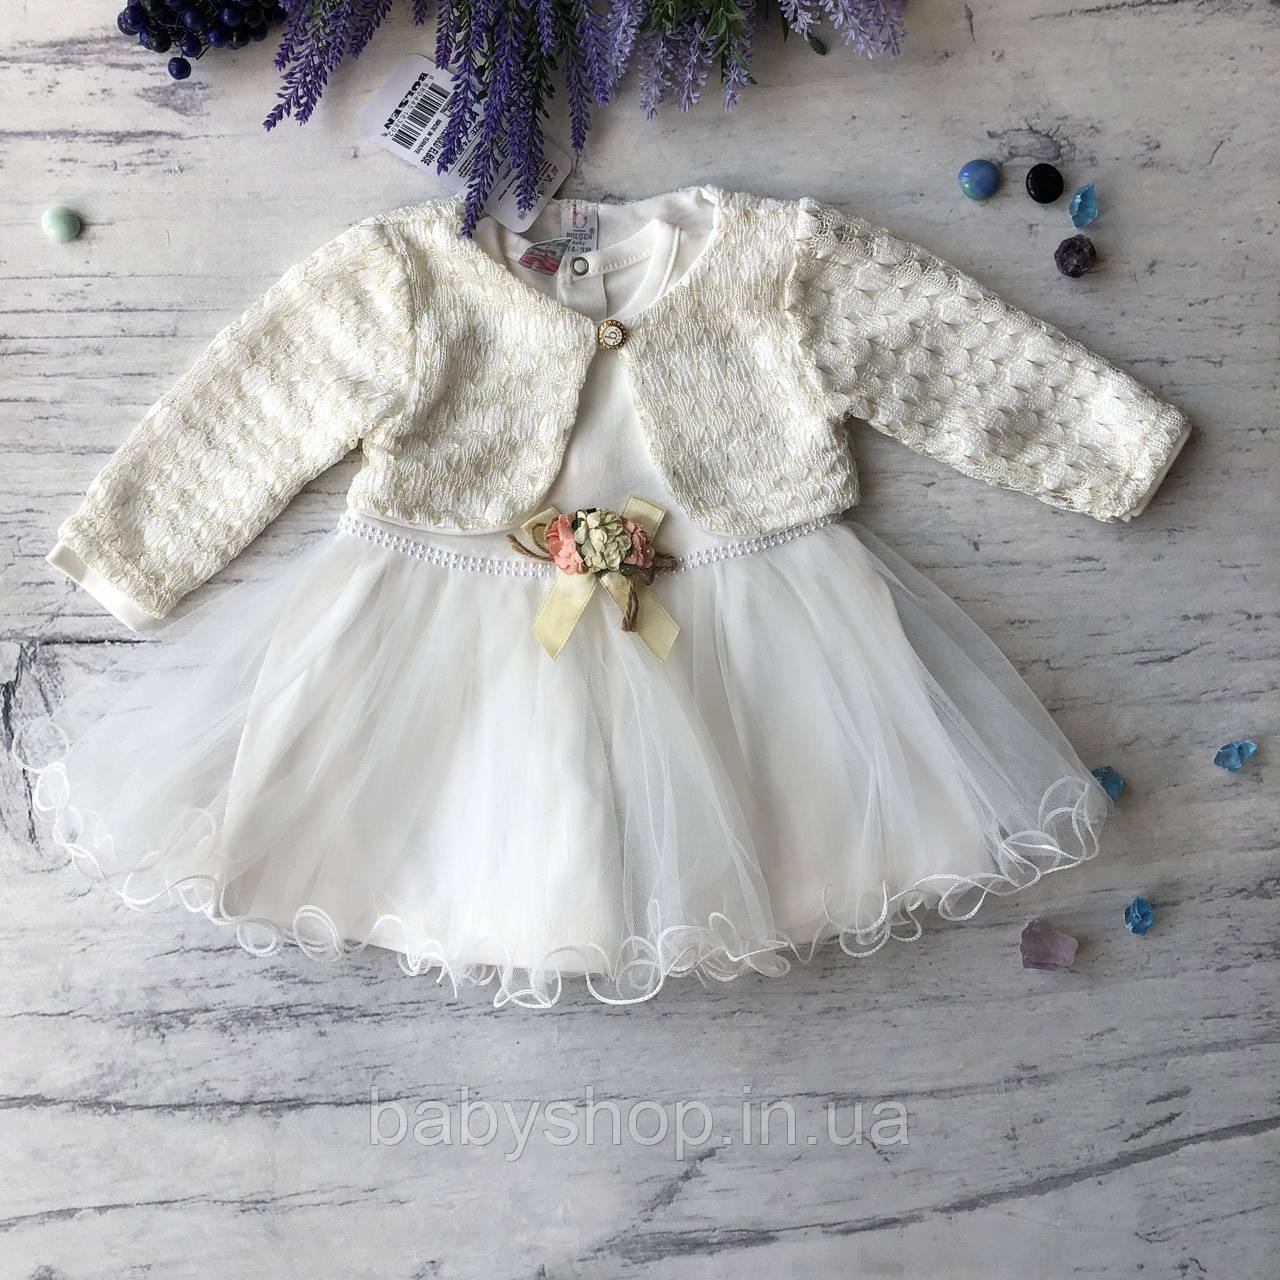 Нарядное платье на девочку 263. Размер 86 см